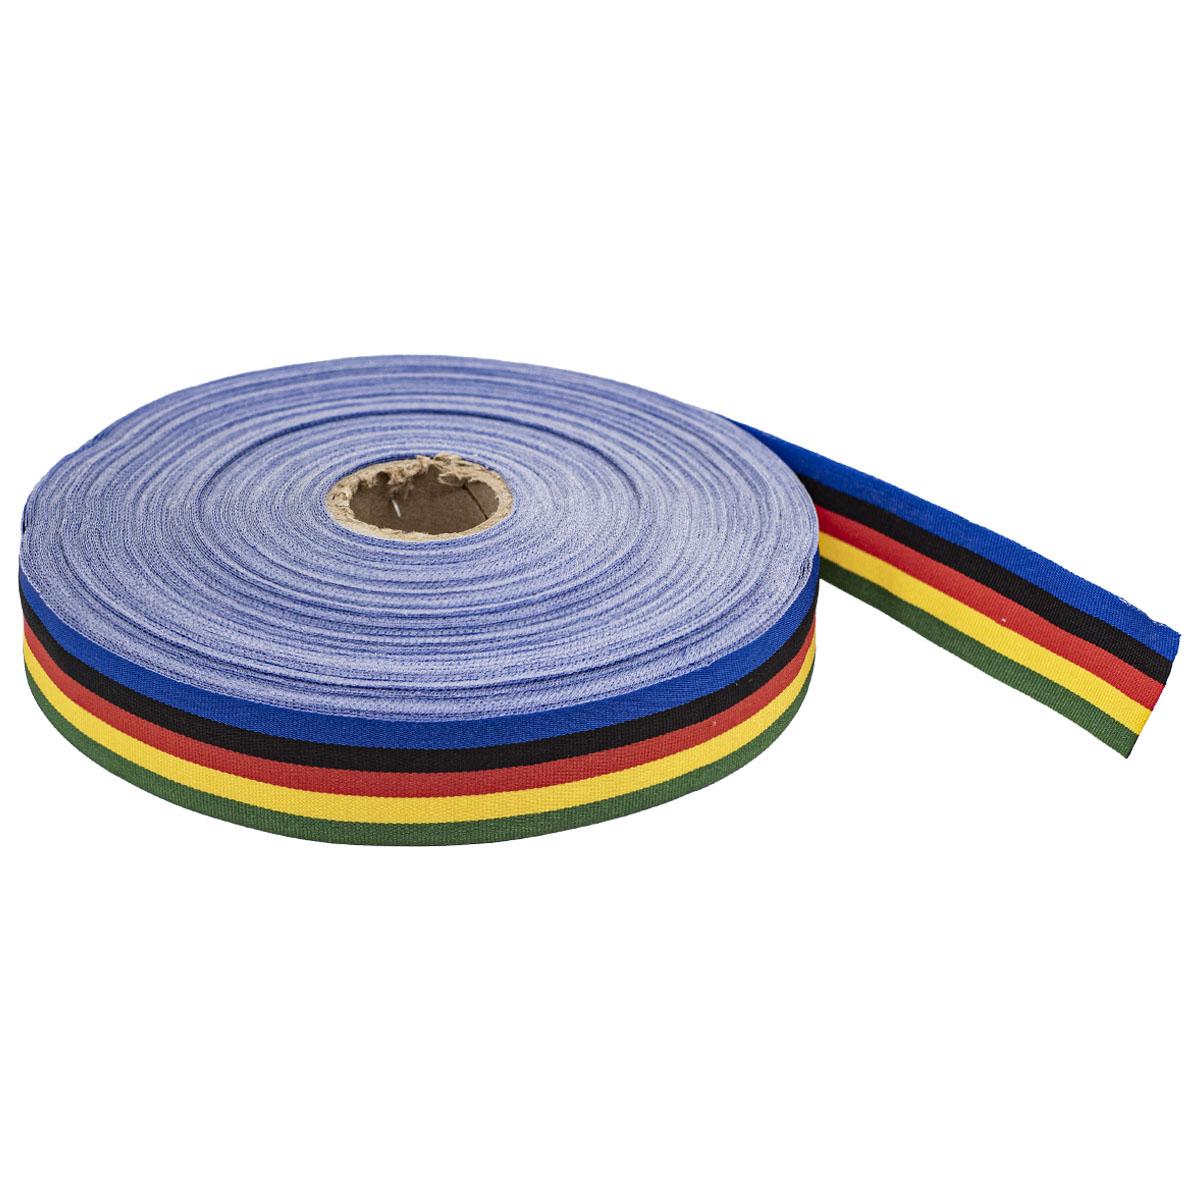 С3727Г17 Лента декоративная 'Олимпийская' рис.7936 25мм*50м